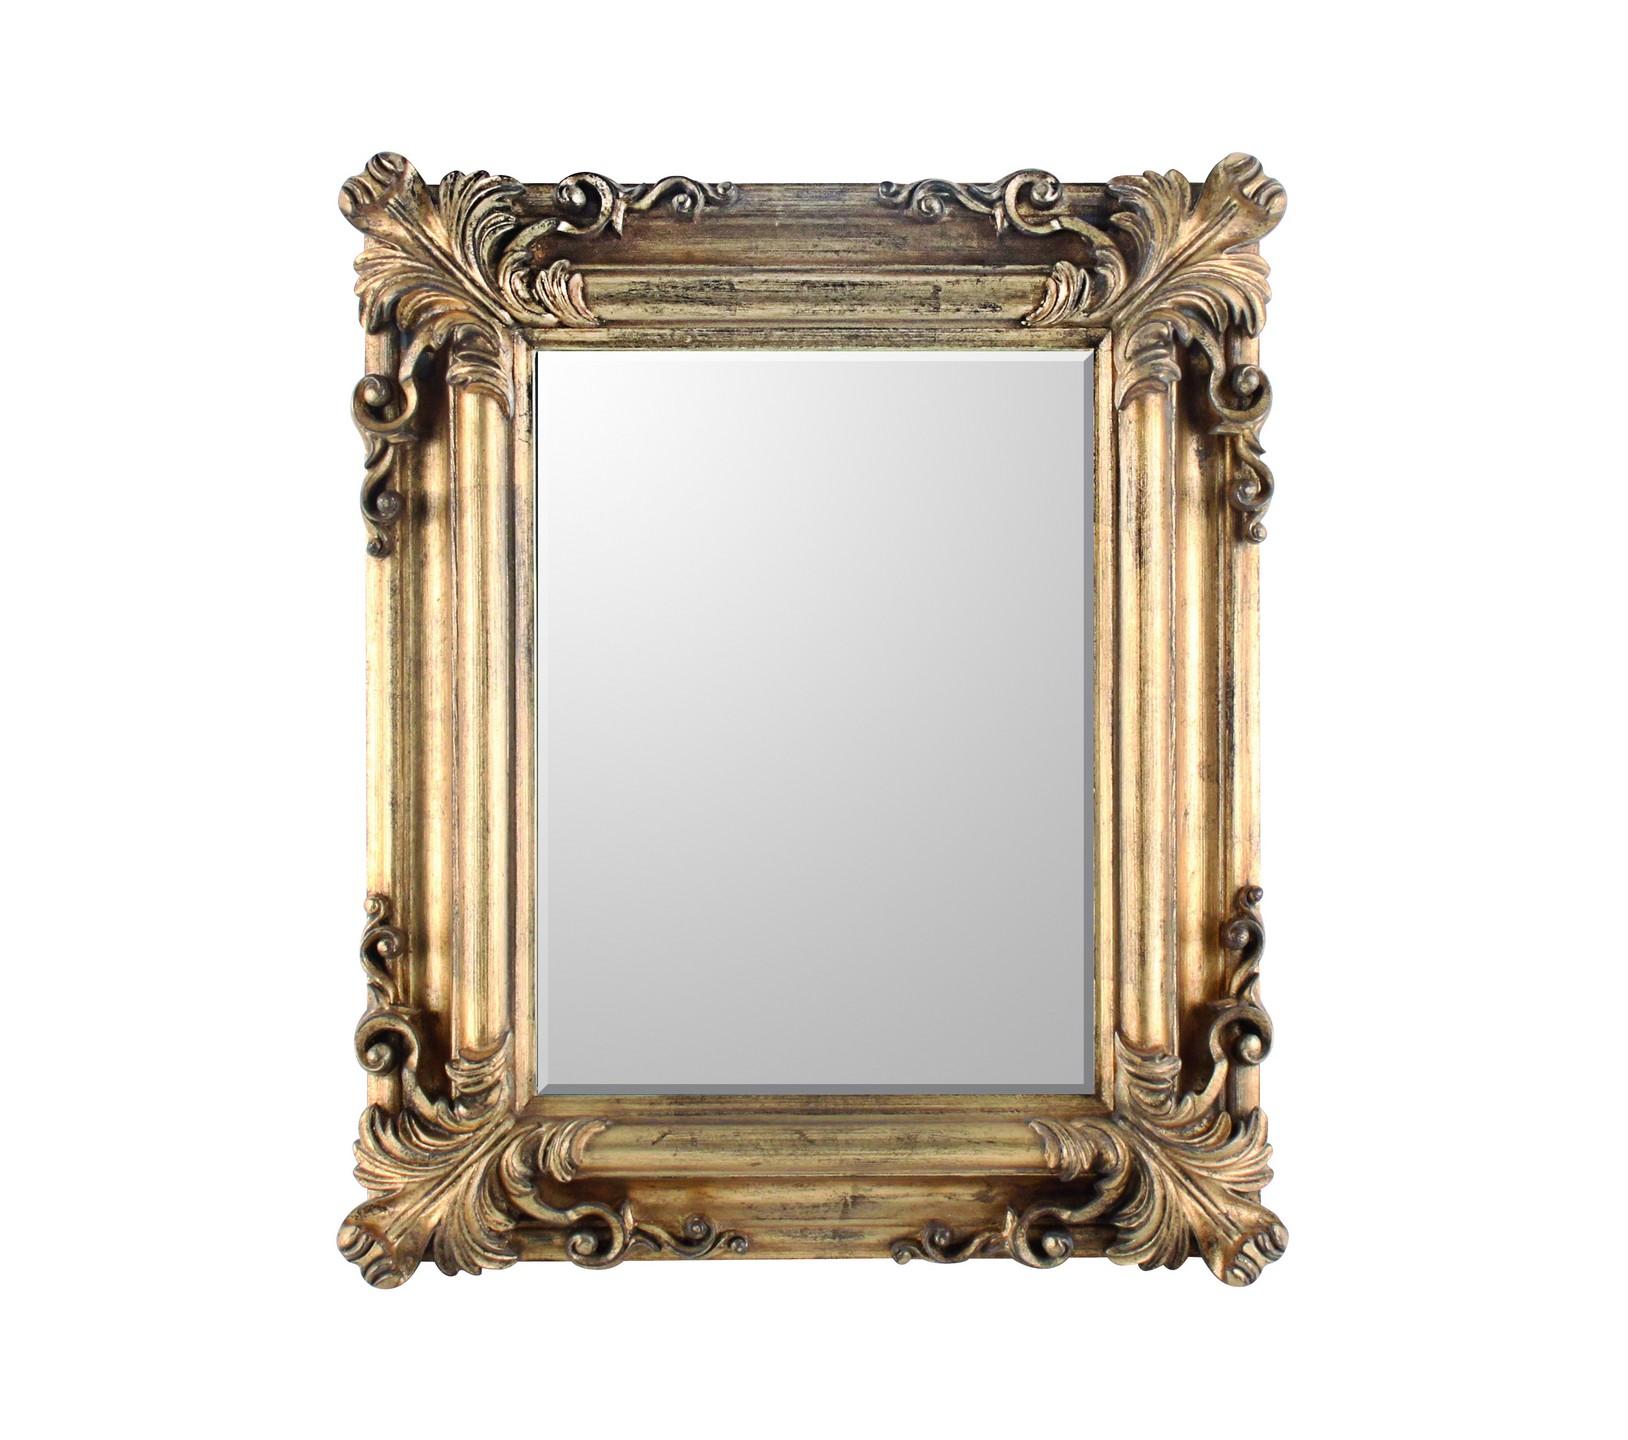 Зеркало Sweet SeaНастенные зеркала<br><br><br>Material: Полистоун<br>Width см: 48<br>Depth см: 5<br>Height см: 59